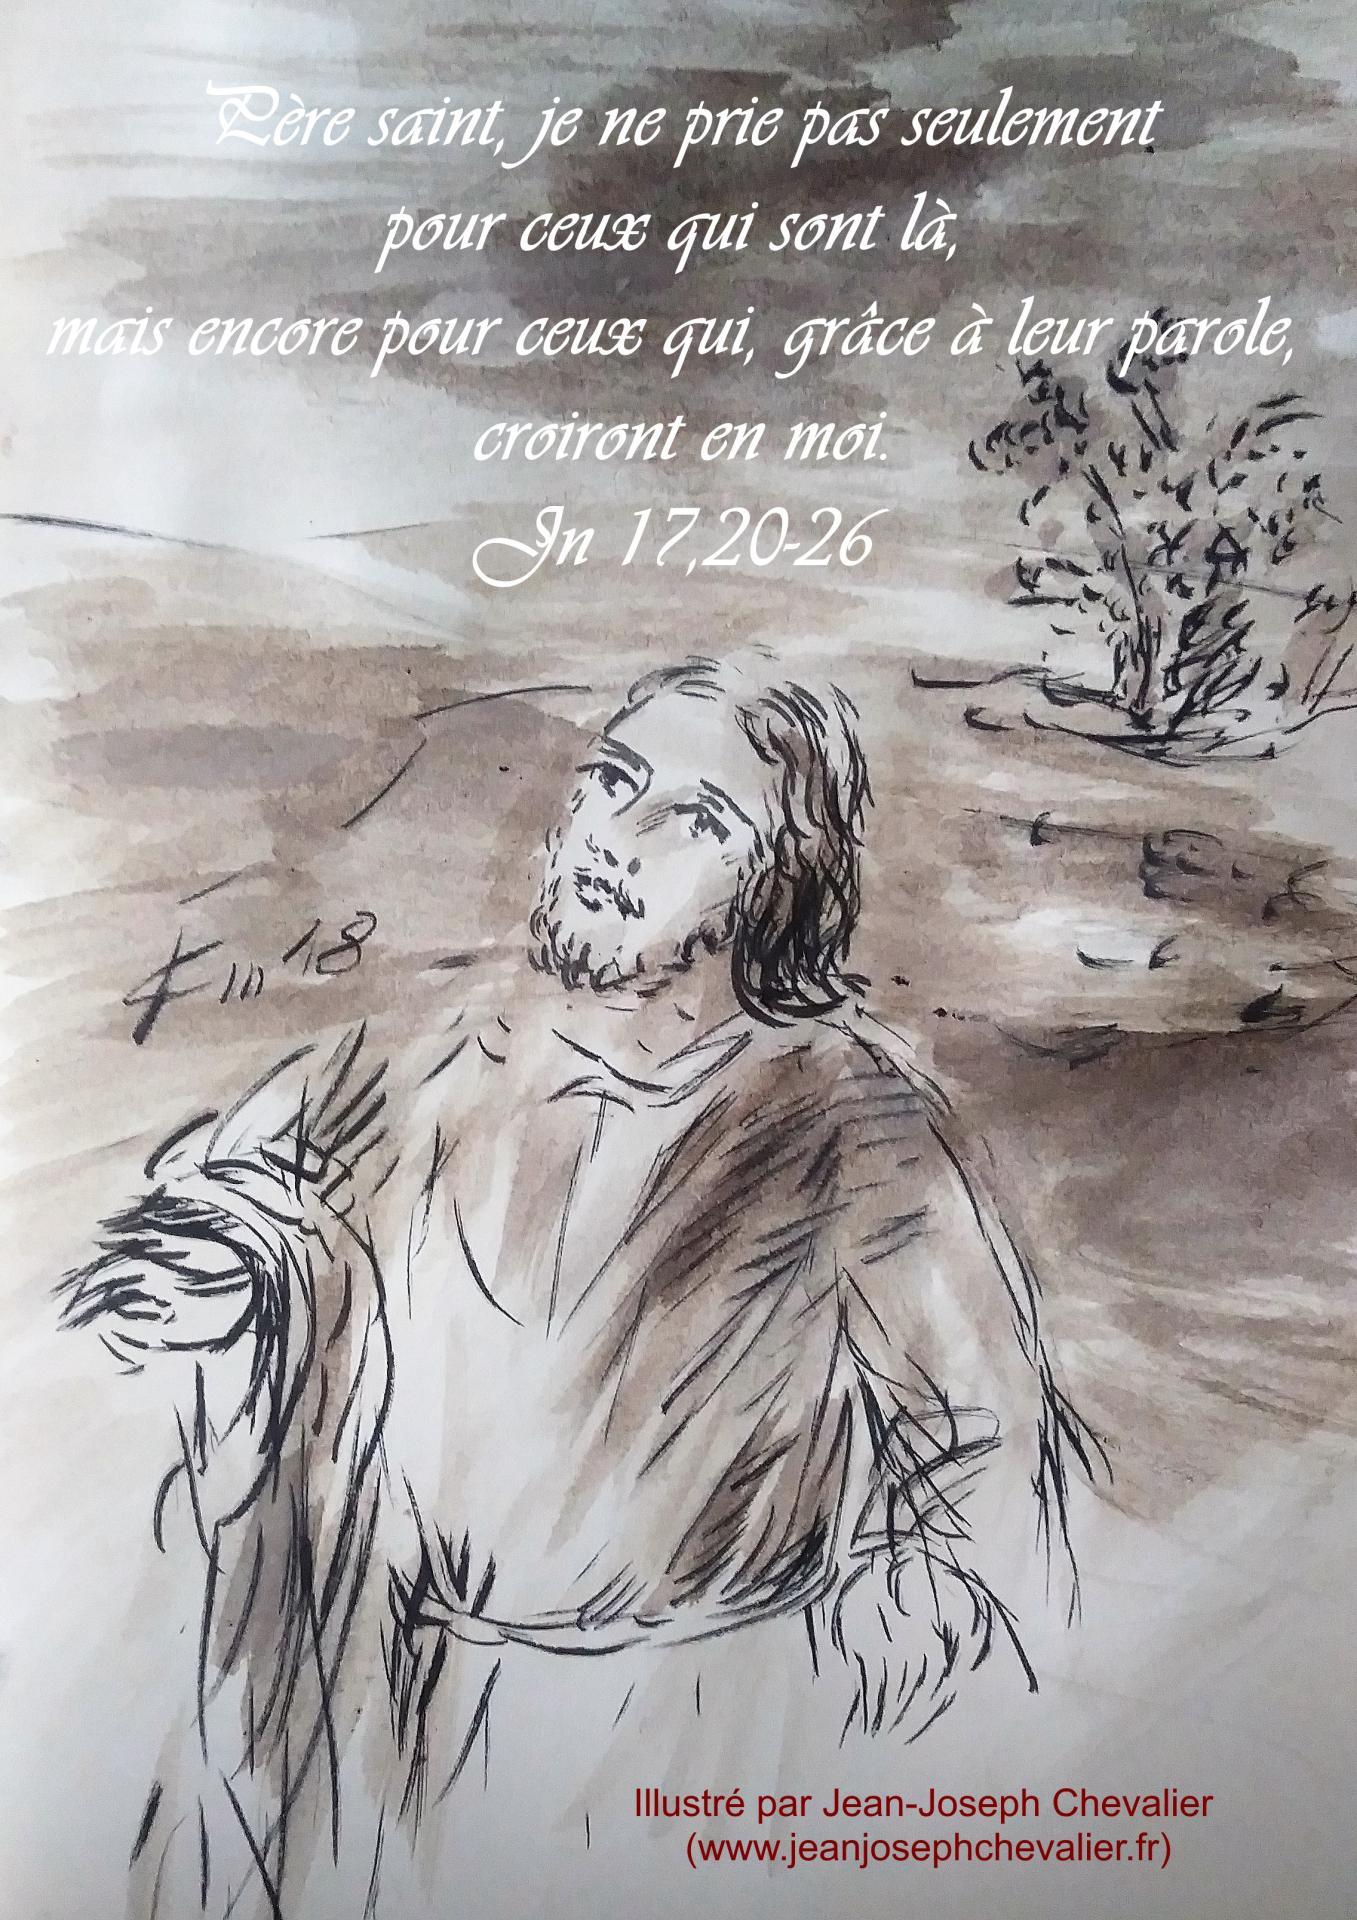 17 mai 2018 evangile du jour illustre par un dessin au lavis de jean joseph chevalier image